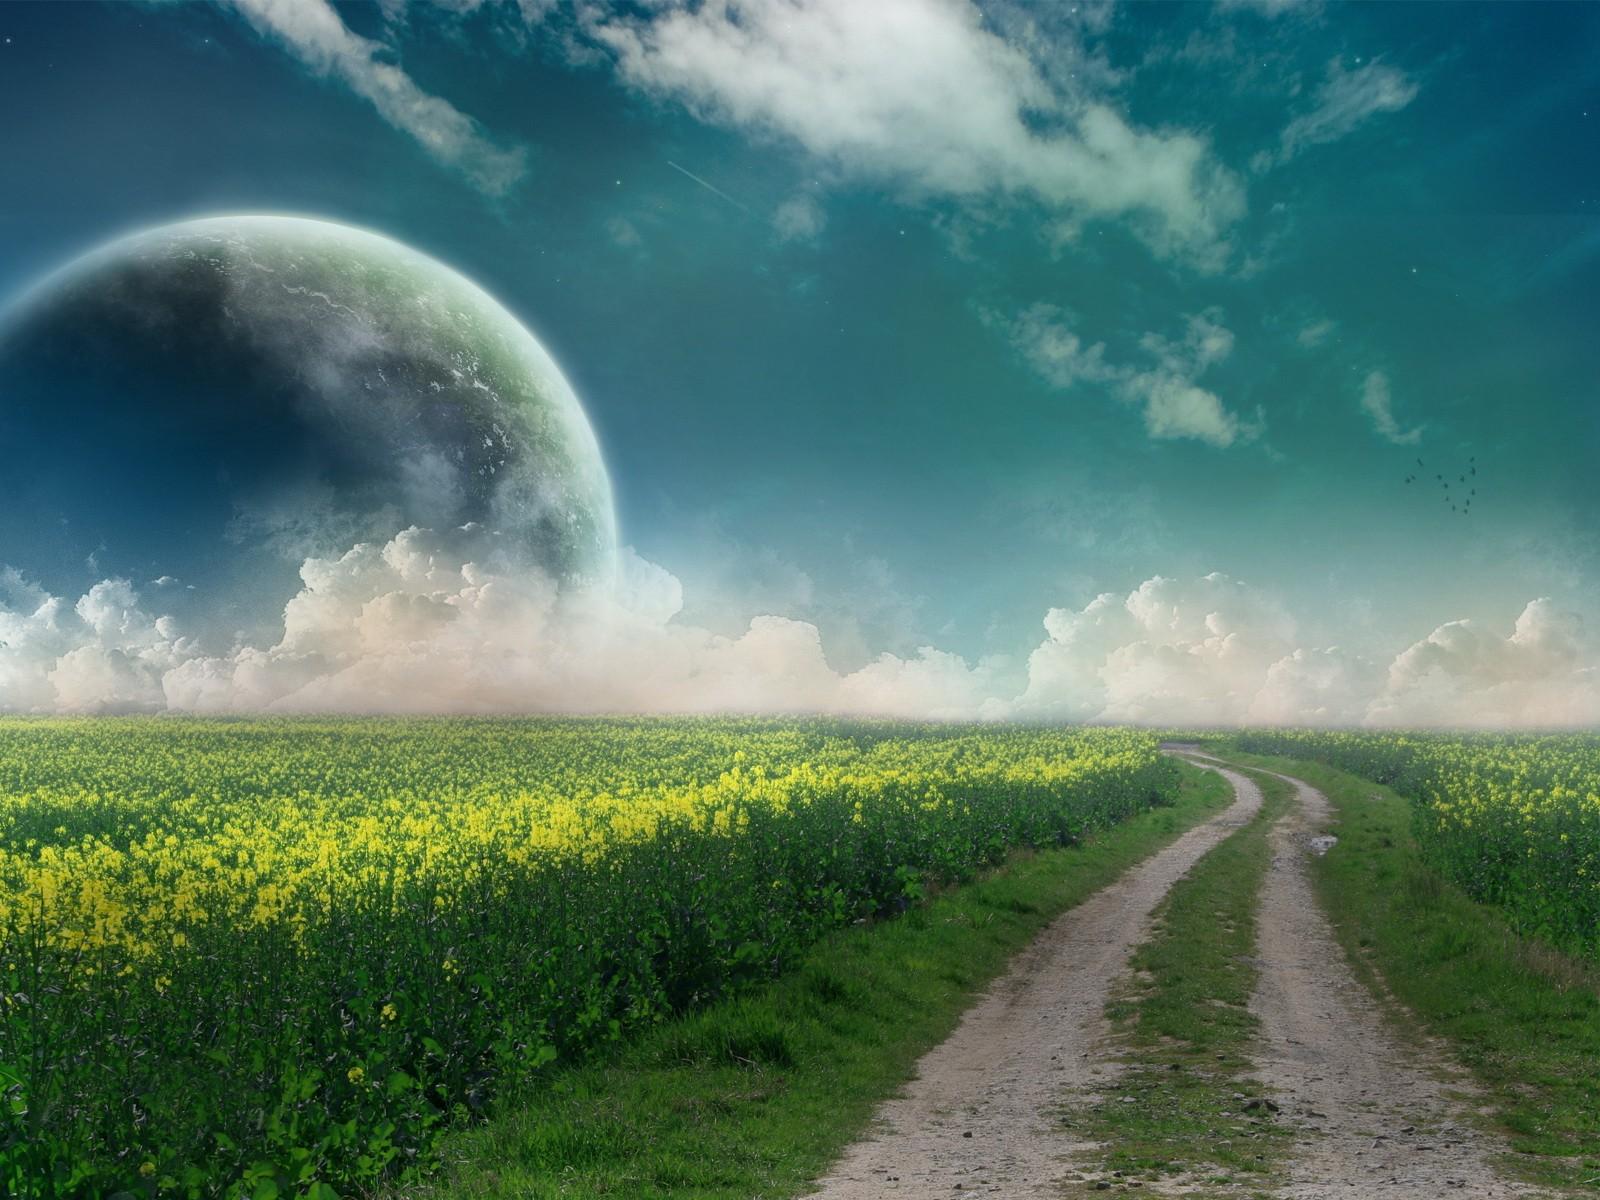 красивые картинки неба и земли